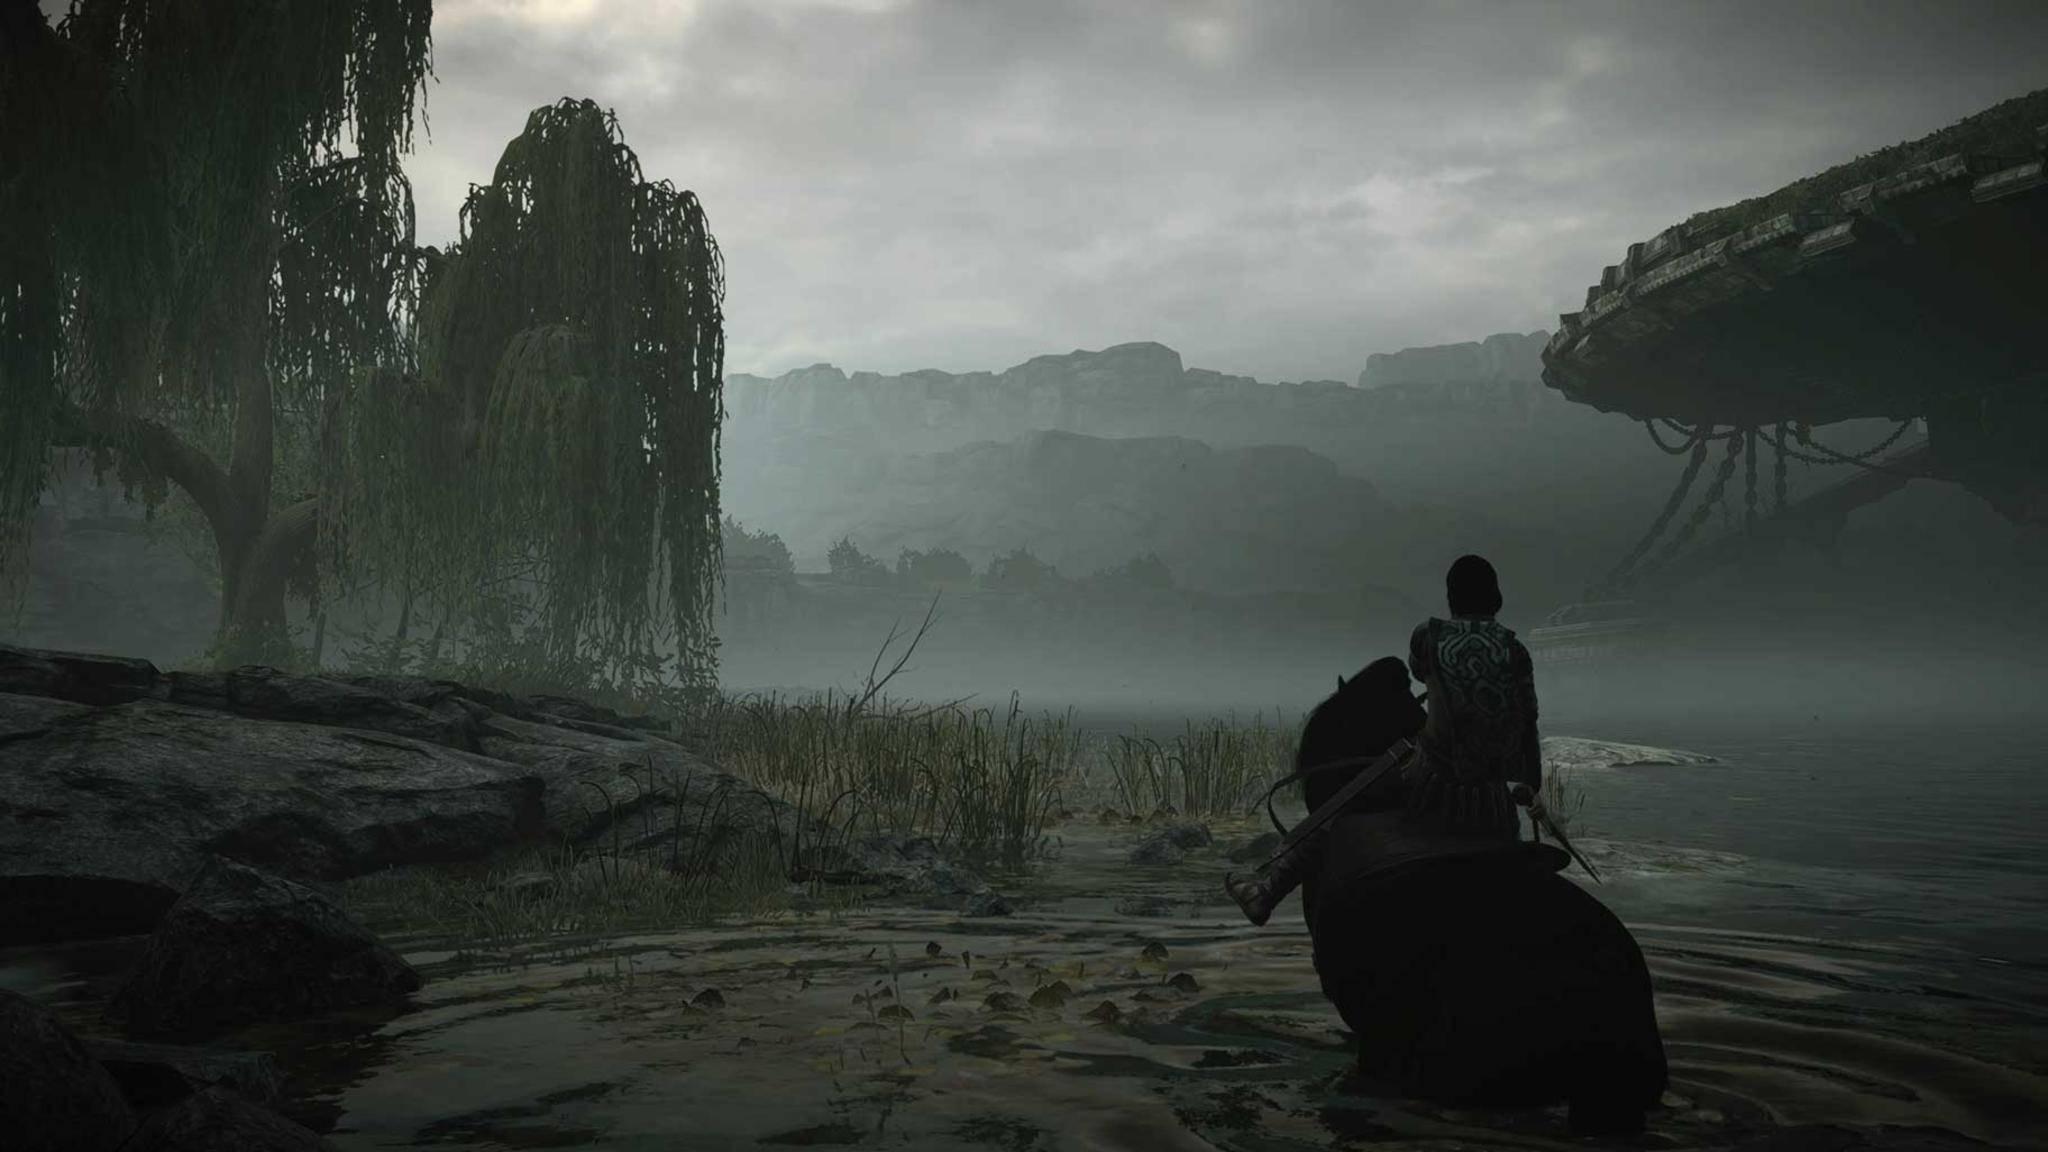 Dem Original treugeblieben: Die Landschaft ist trotz ihrer neuen Schönheit wiederzuerkennen.